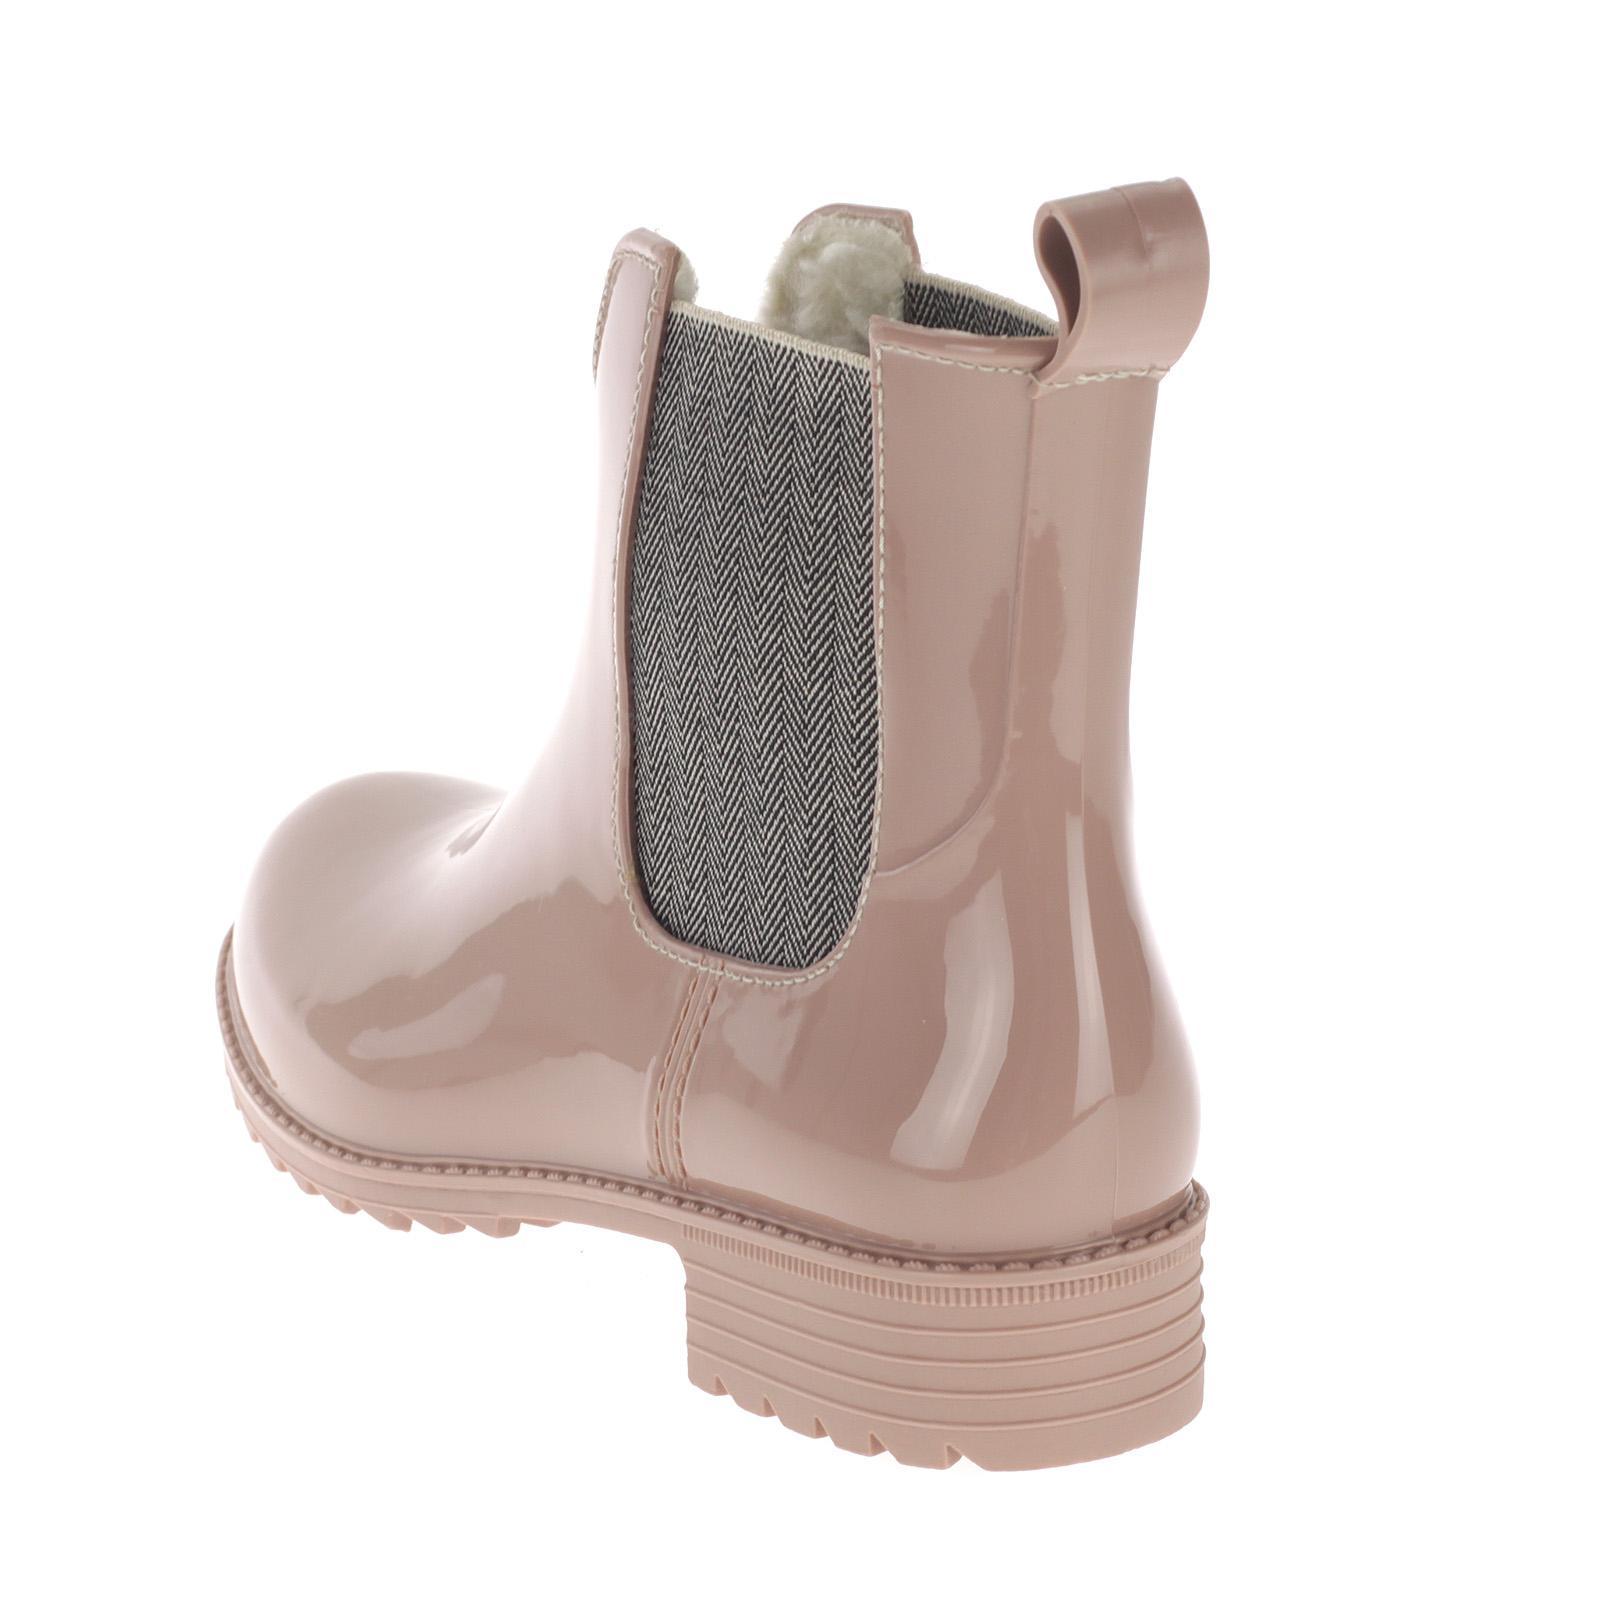 Rieker Damen Chelsea Boots Gummistiefel Gefüttert Rosa P8280-31